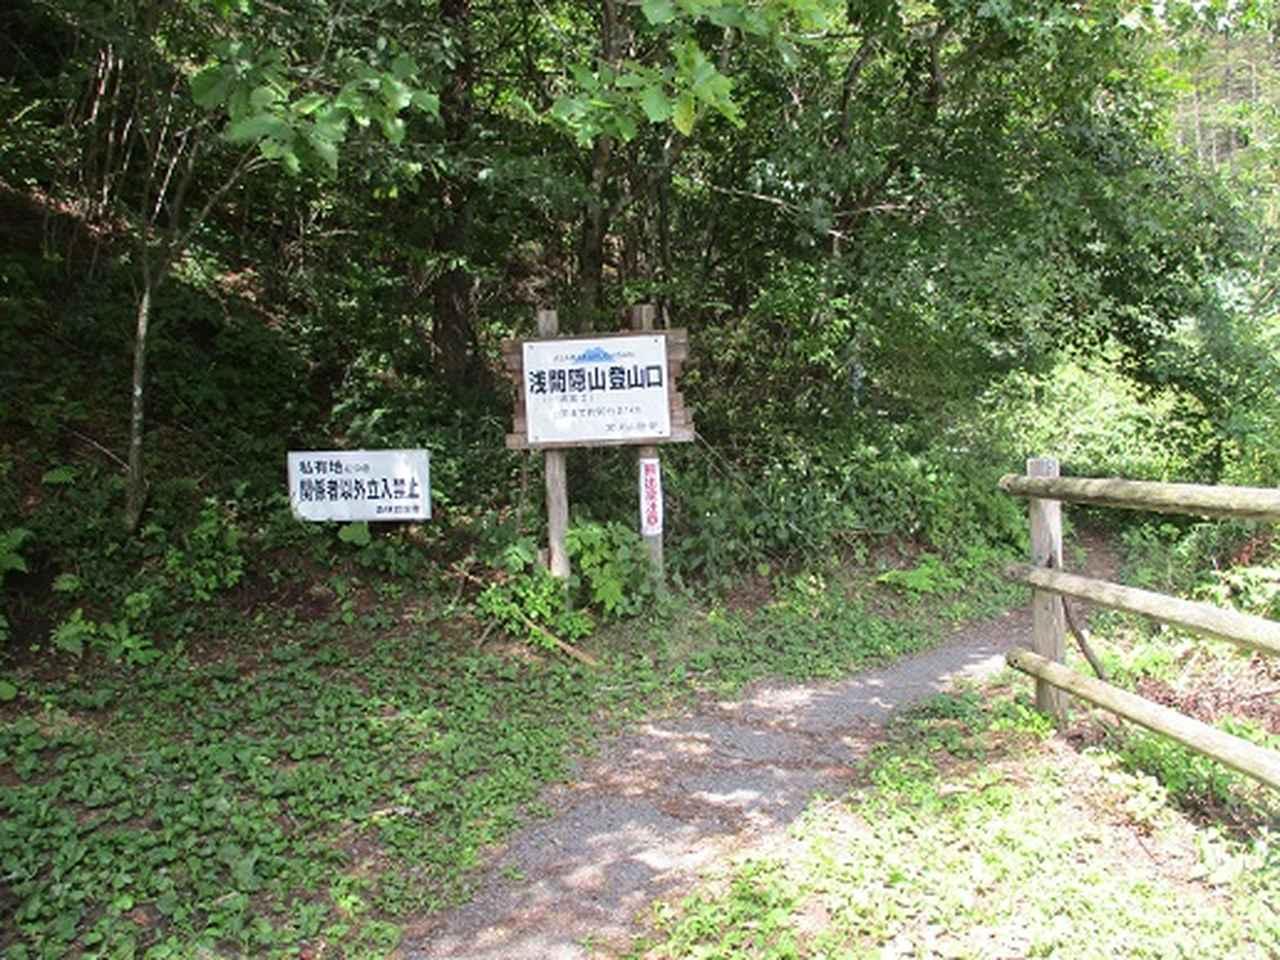 画像1: 【山旅会・登山ガイドこだわりツアー】岡田ガイドからの便り・浅間隠山ツアーにいってまいりました!